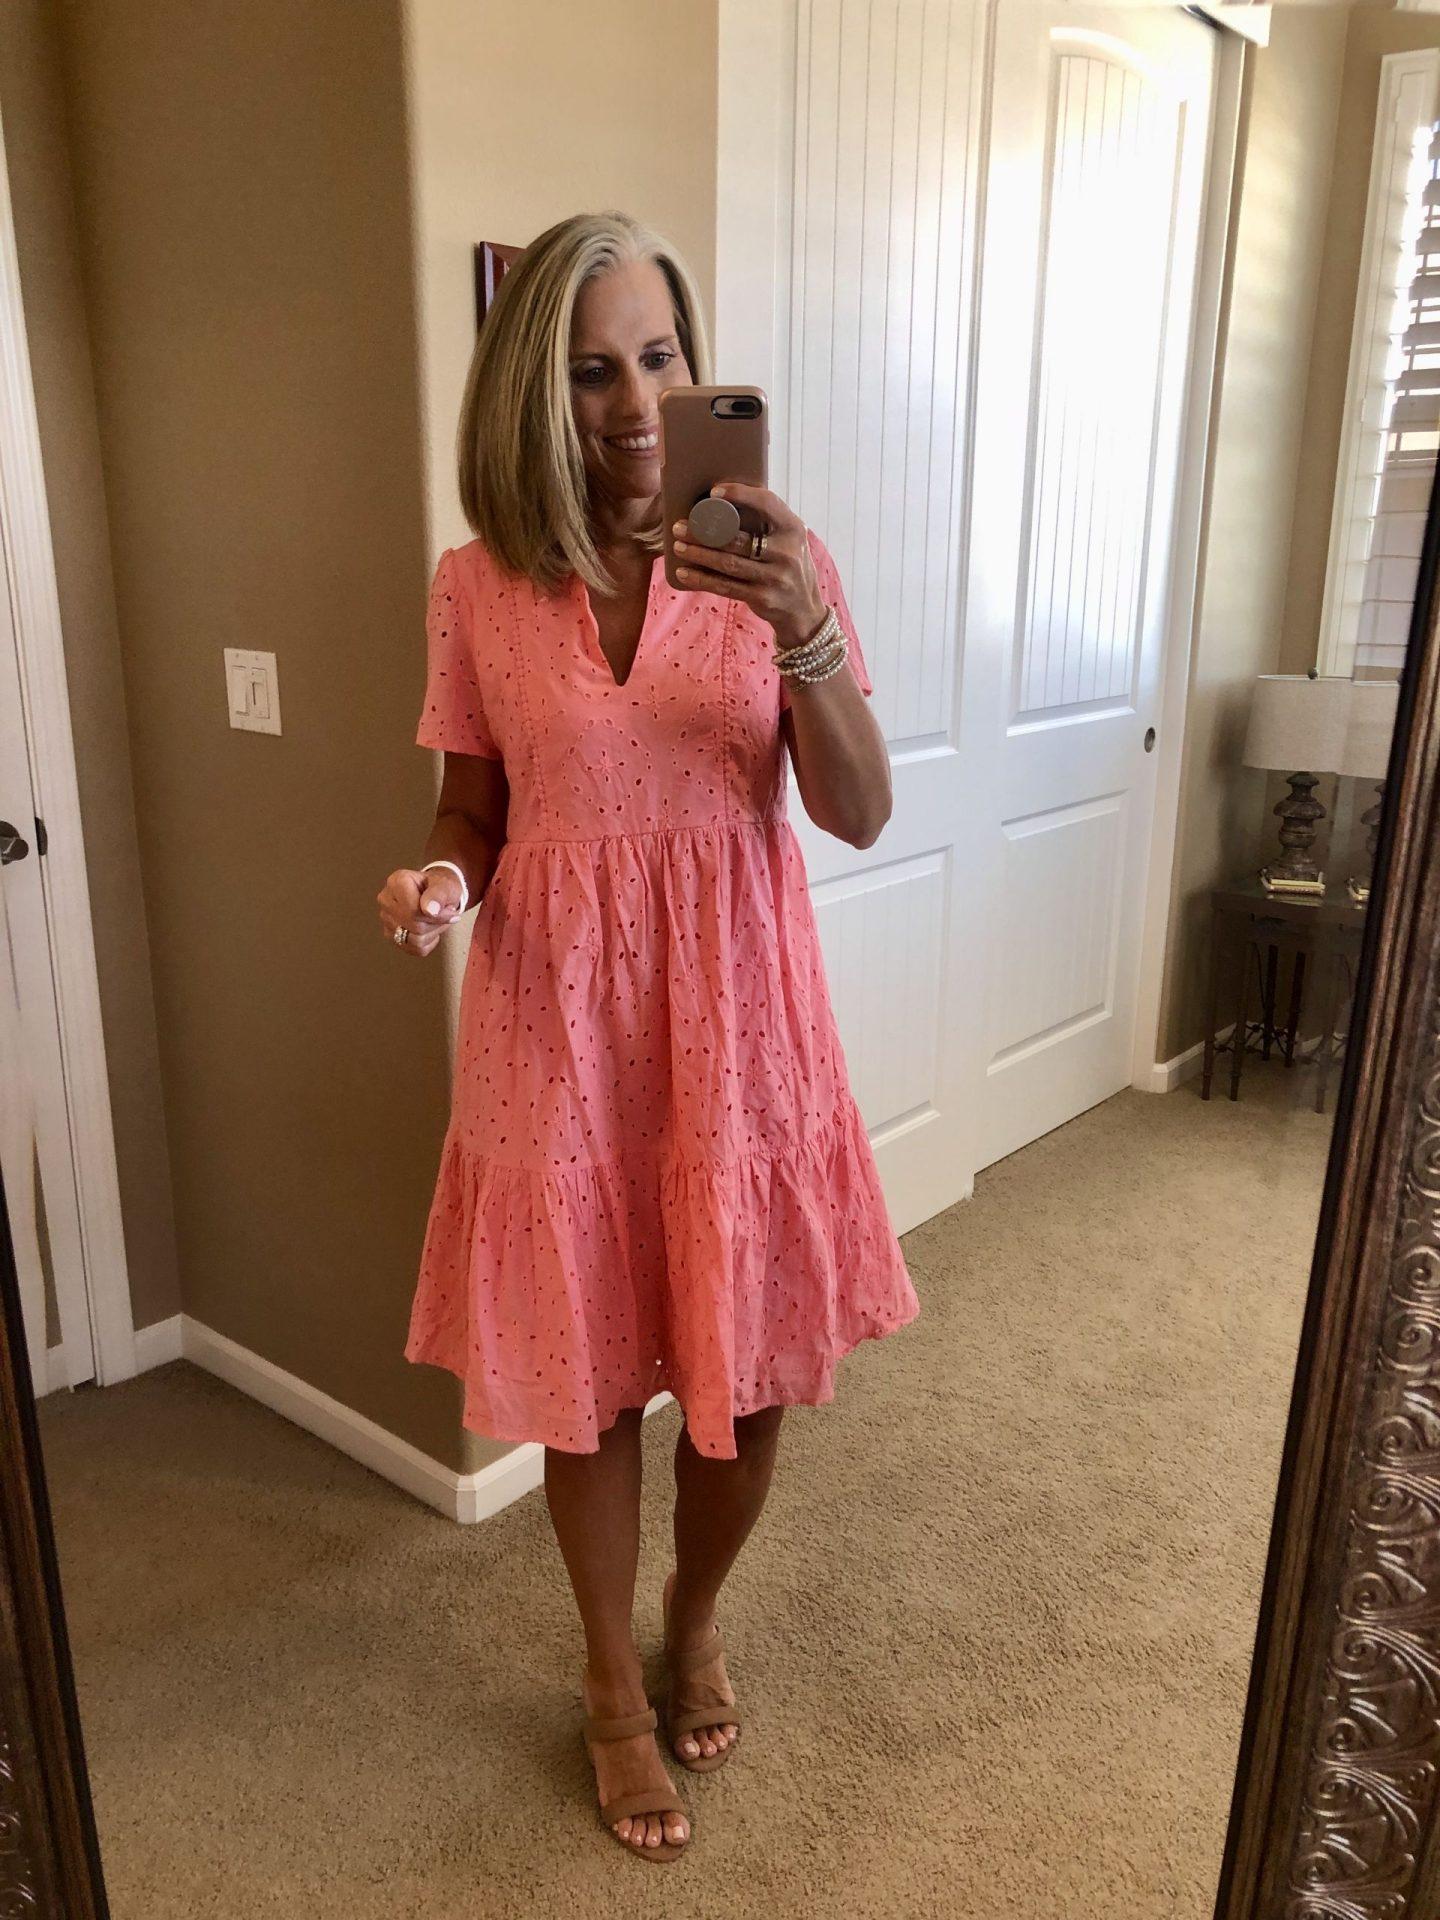 Target Dresses on Sale Coast to Coast